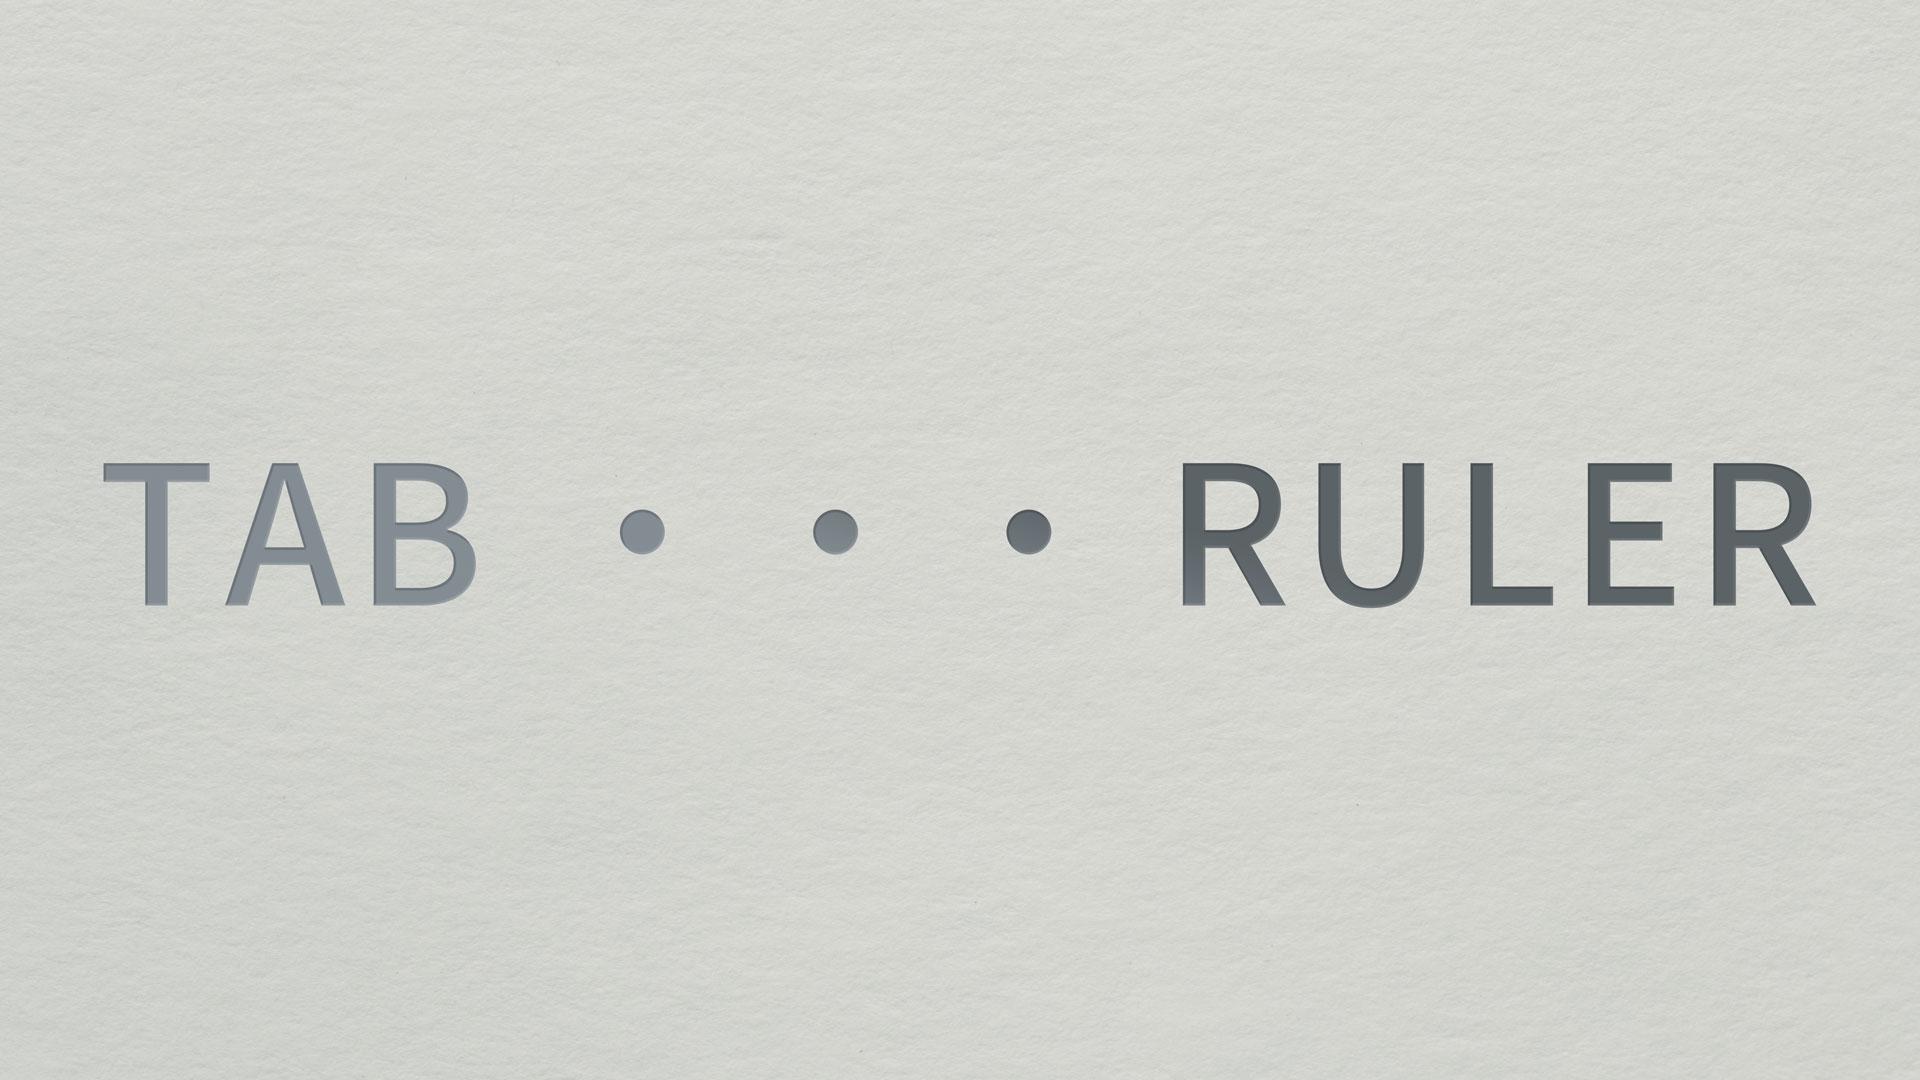 イラストレータでメニュー表や目次を作るときに便利なタブルーラー機能